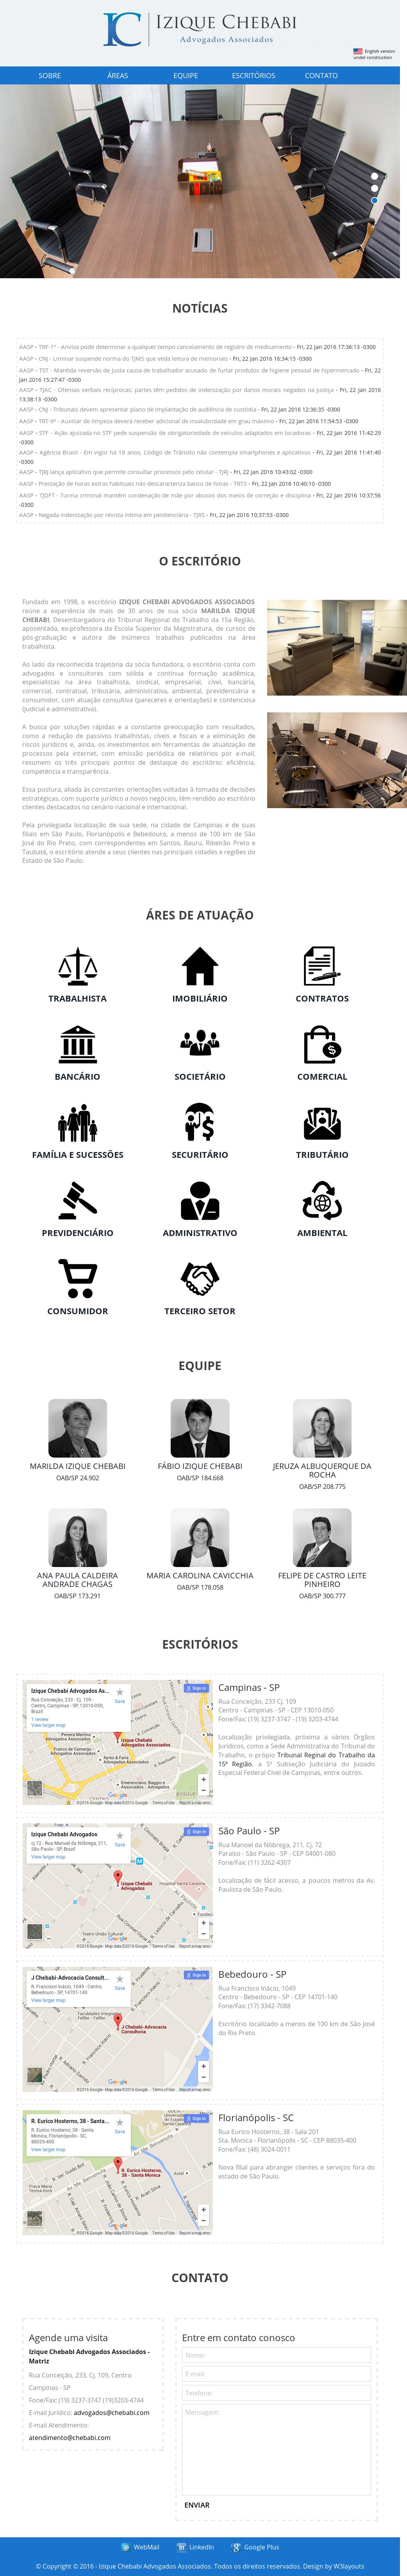 Izique Chebabi E Volpinini Rocha Ltda Competitors, Revenue